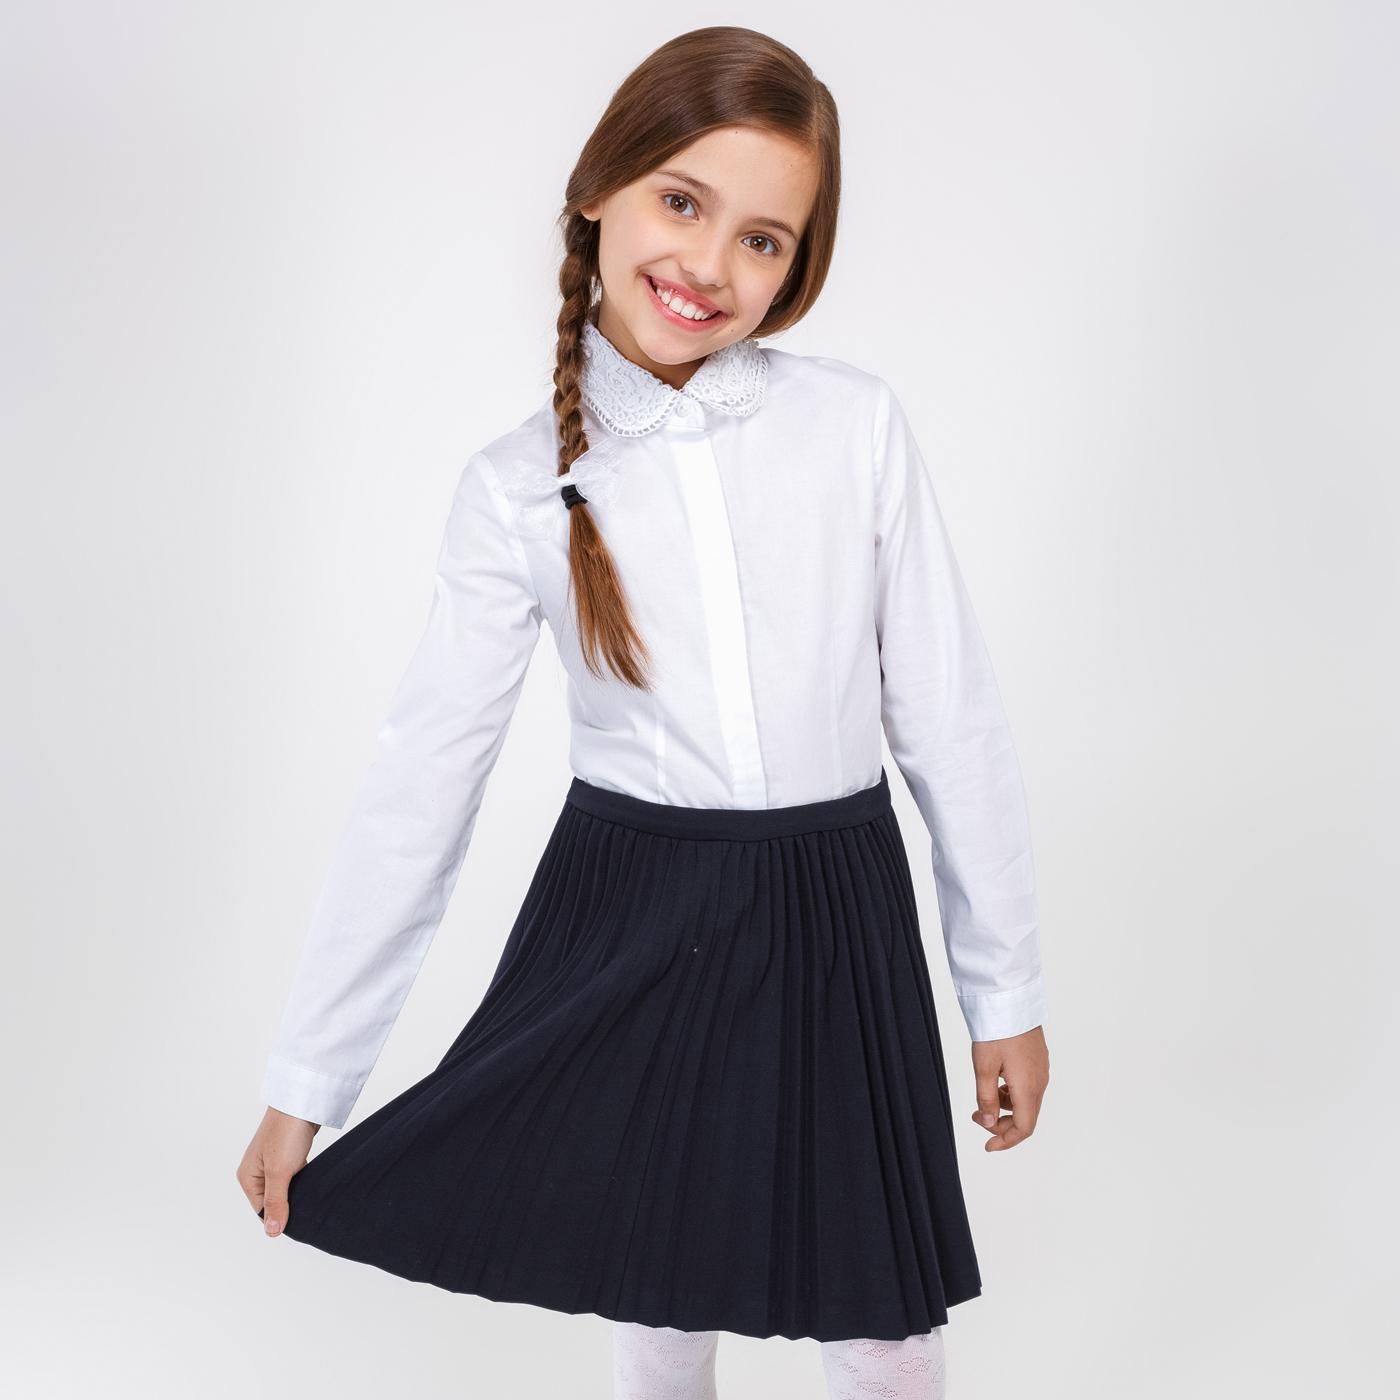 Школьная Форма Ажурная Белая Блузка